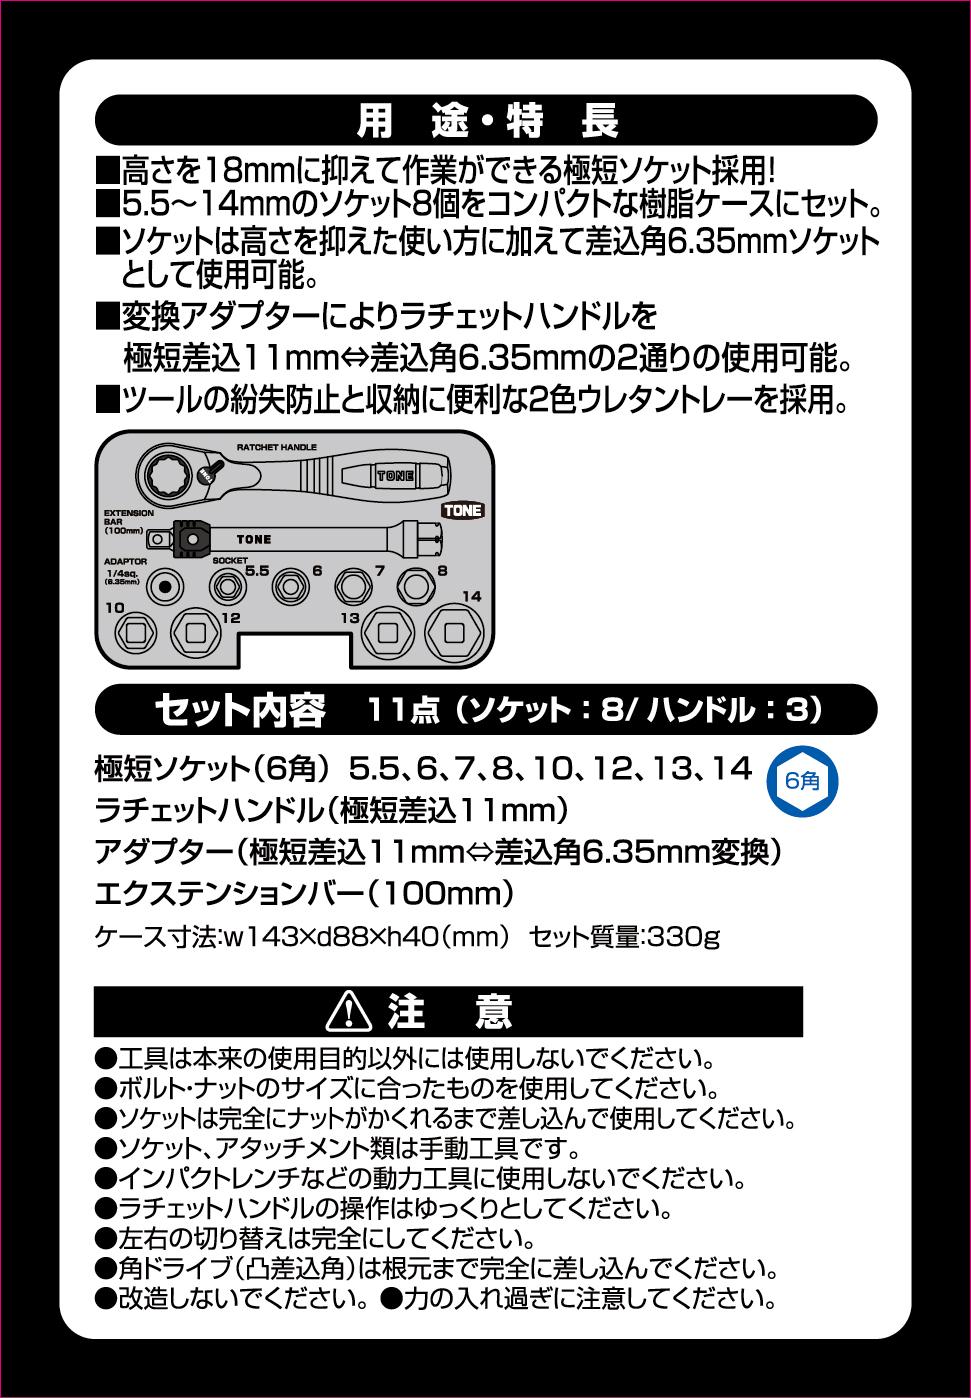 ソケットレンチセット N-S1183SSP